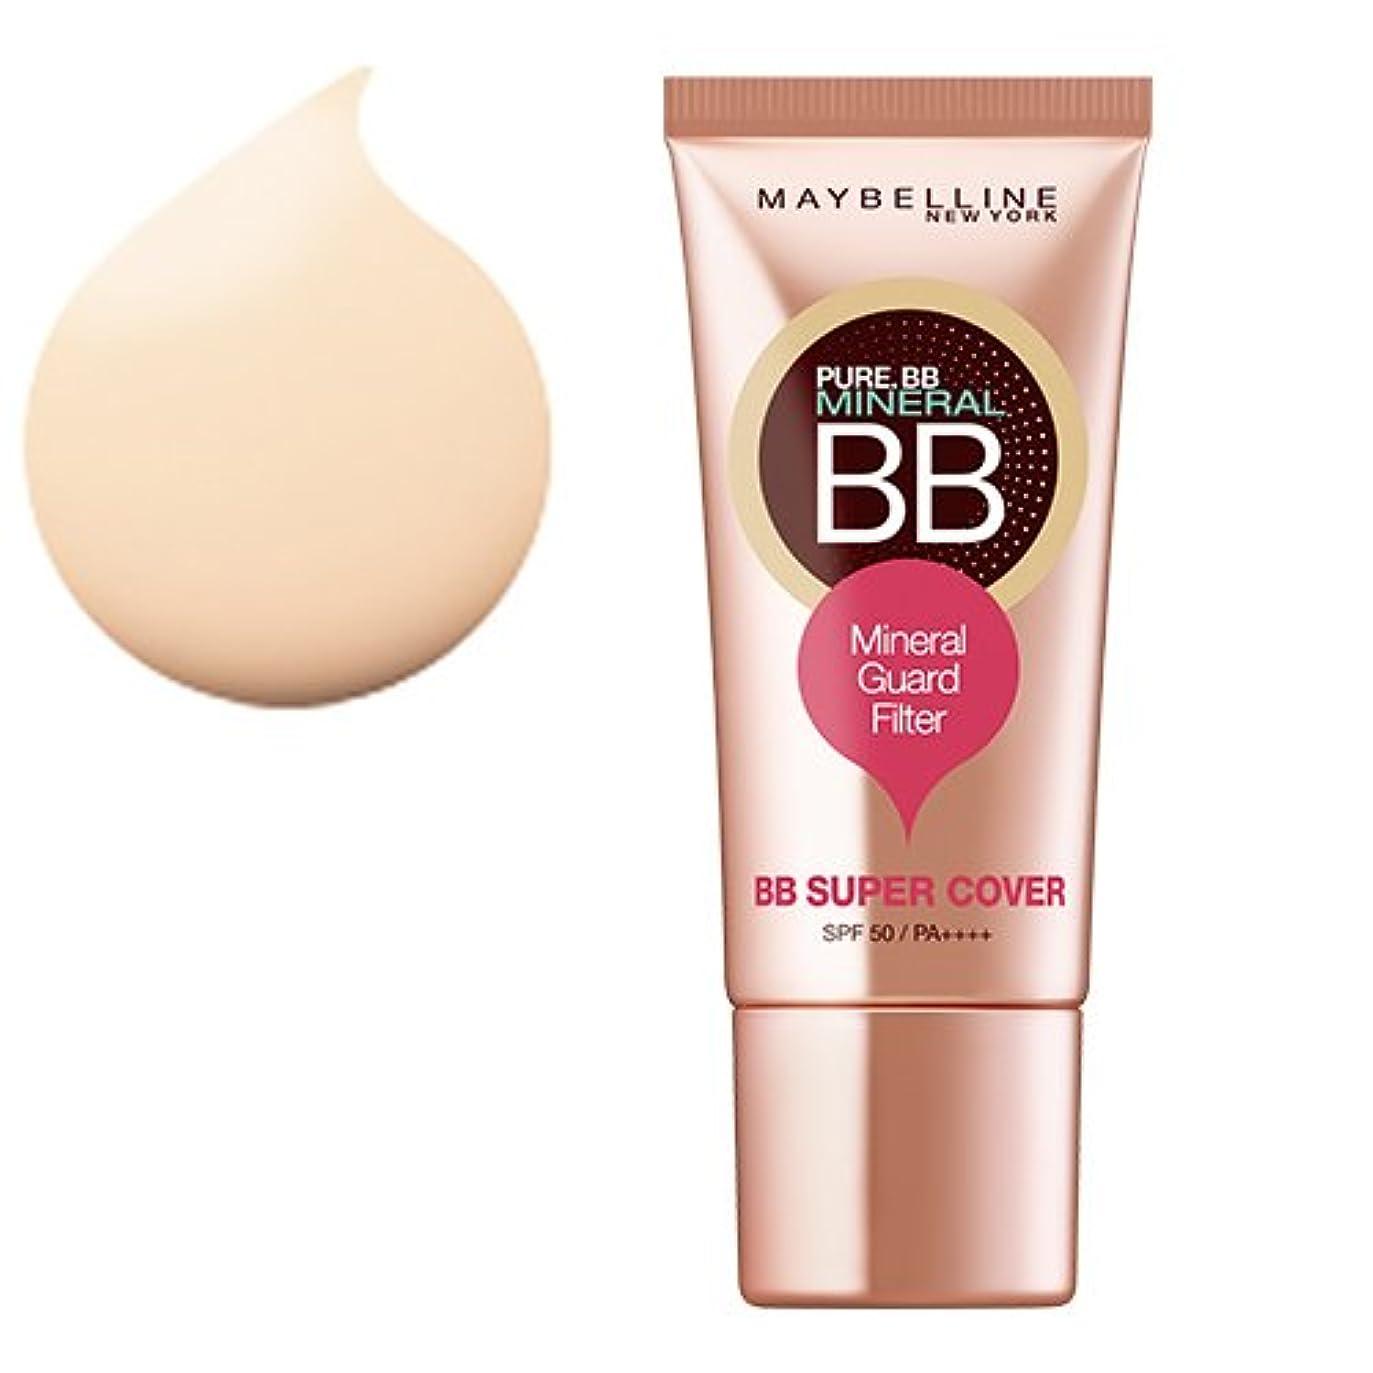 滴下順番昇るメイベリン BBクリーム ピュアミネラル BB SP カバー 01 ナチュラル ベージュ